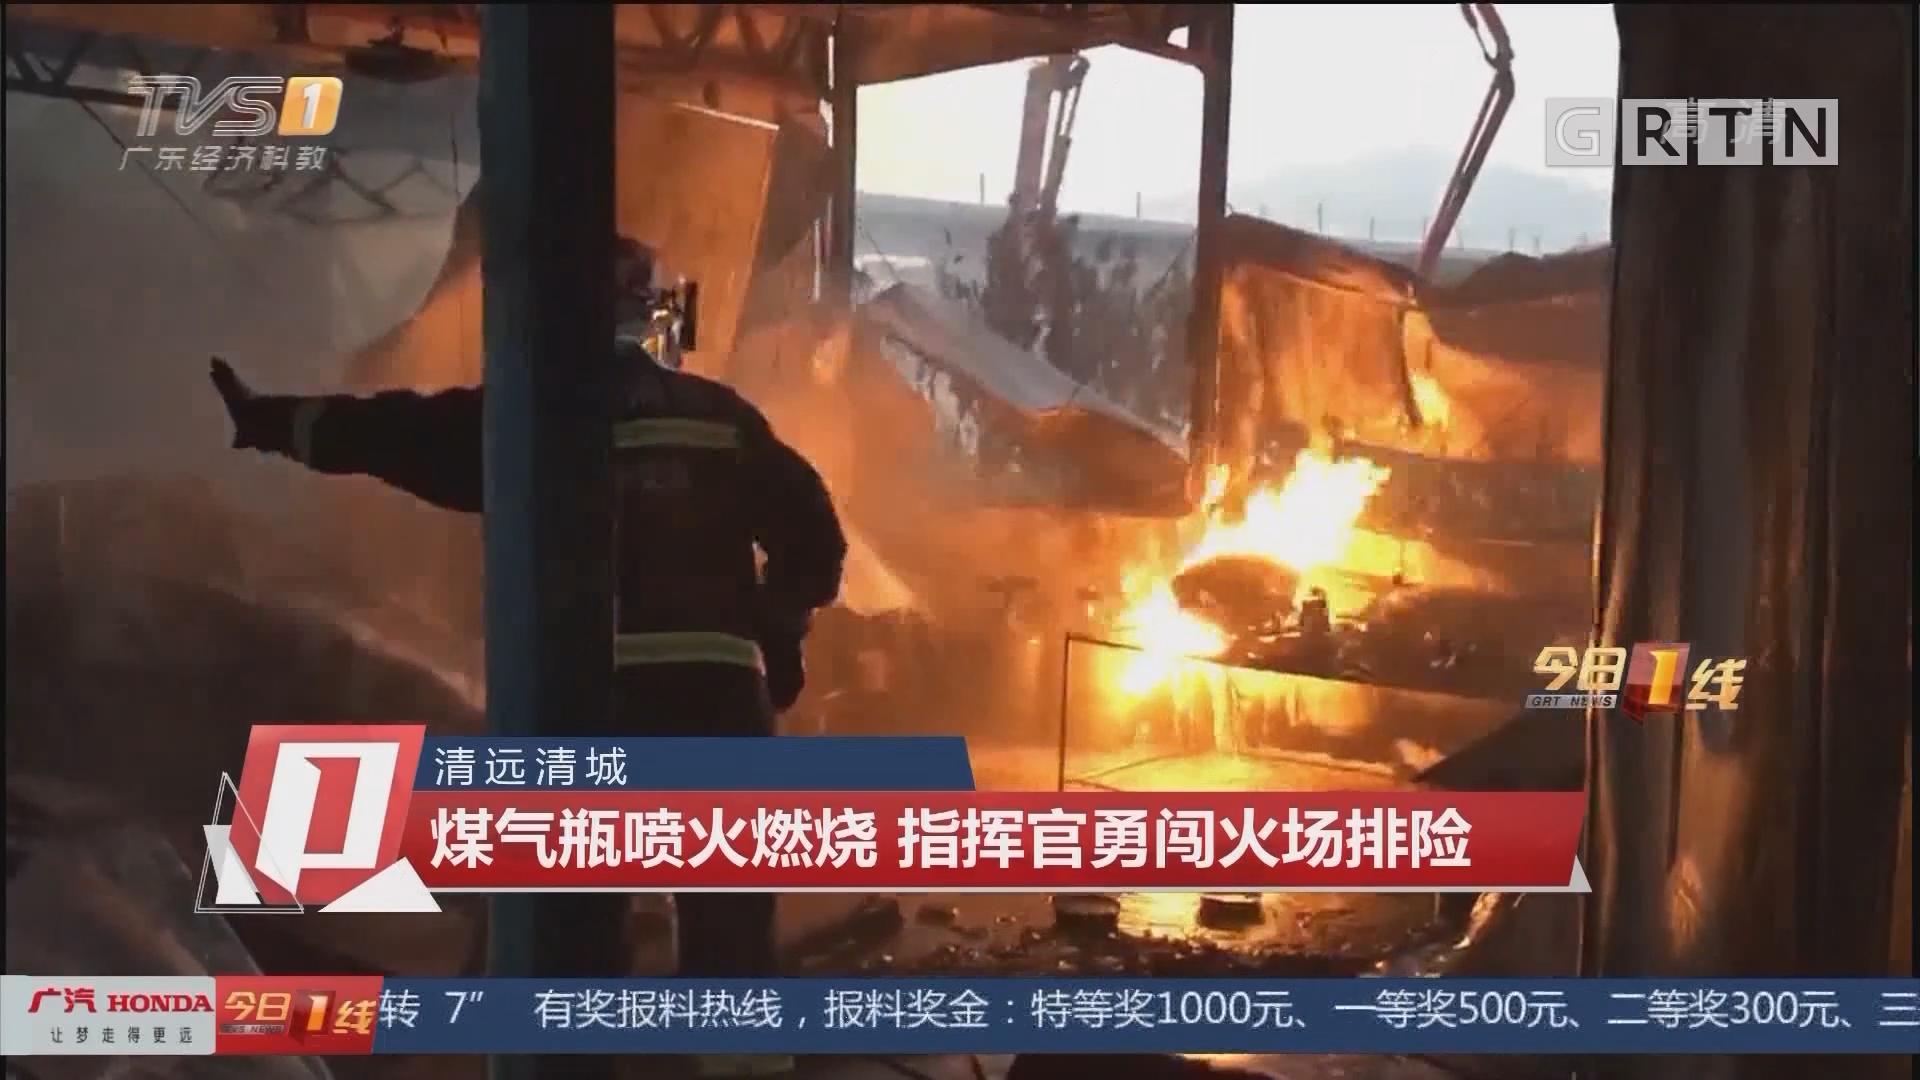 清远清城:煤气瓶喷火燃烧 指挥官勇闯火场排险